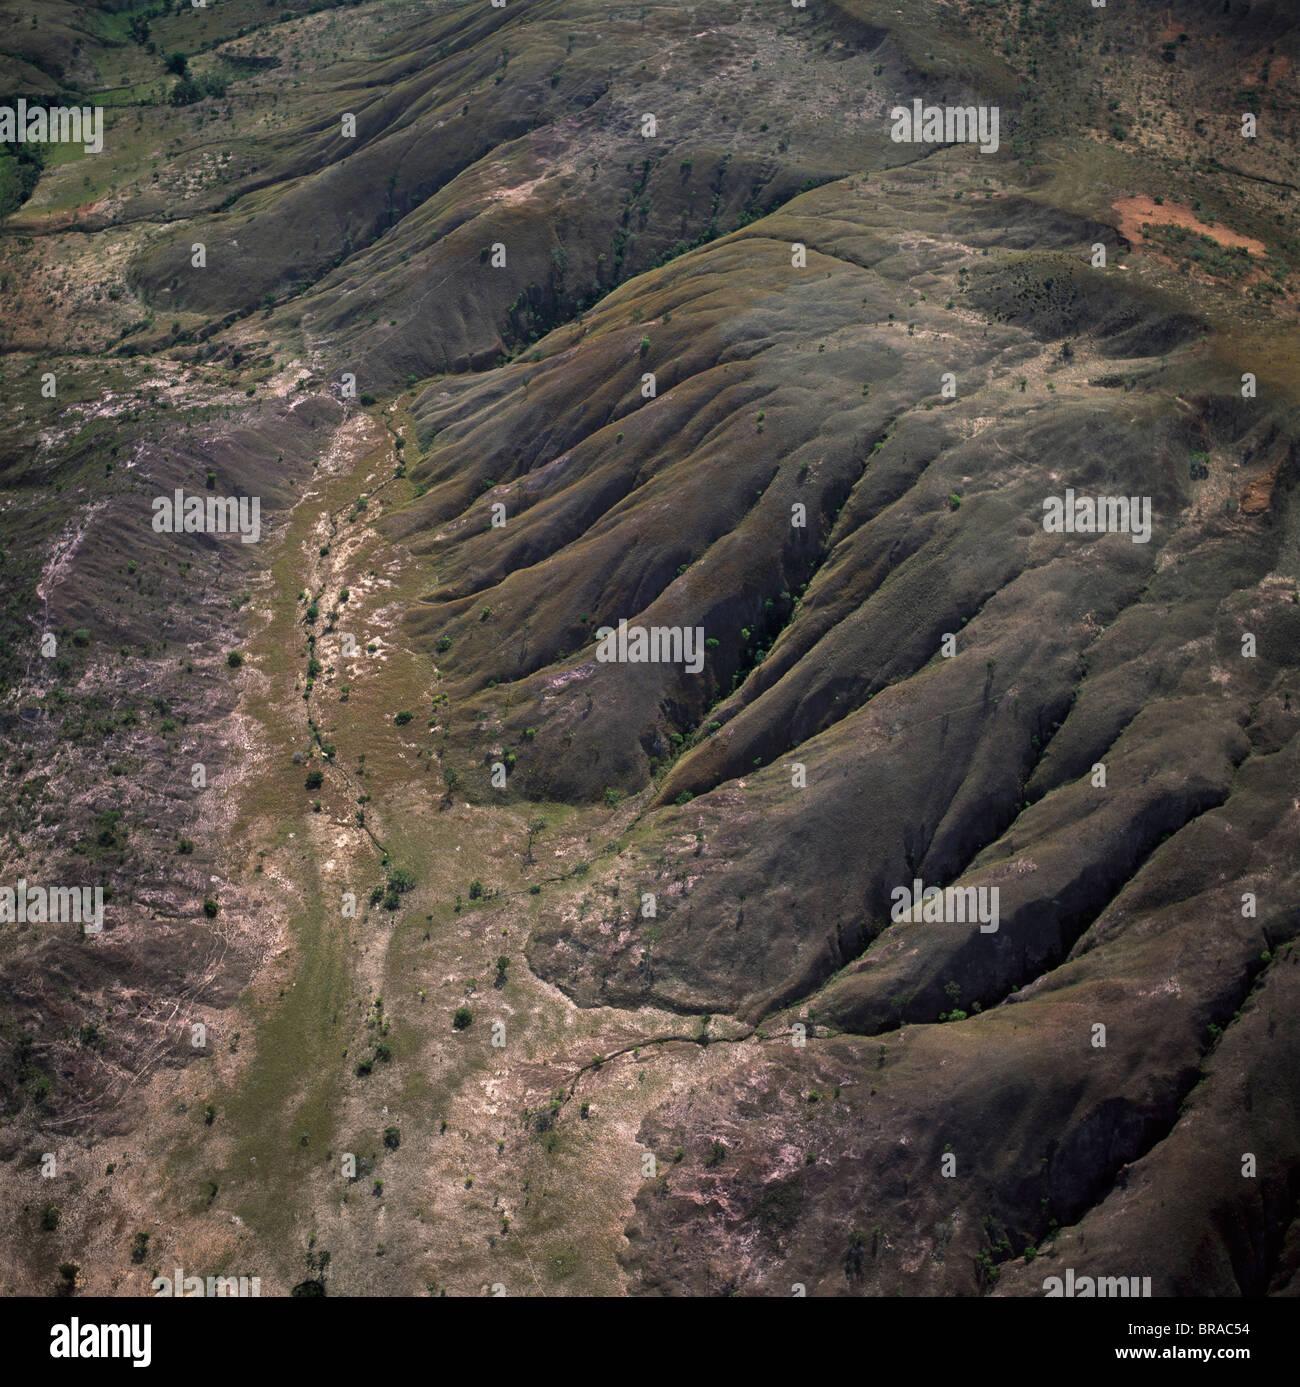 Vue aérienne de highland savannah et l'érosion, près de l'Ireng, rivière Rupununi District, Photo Stock